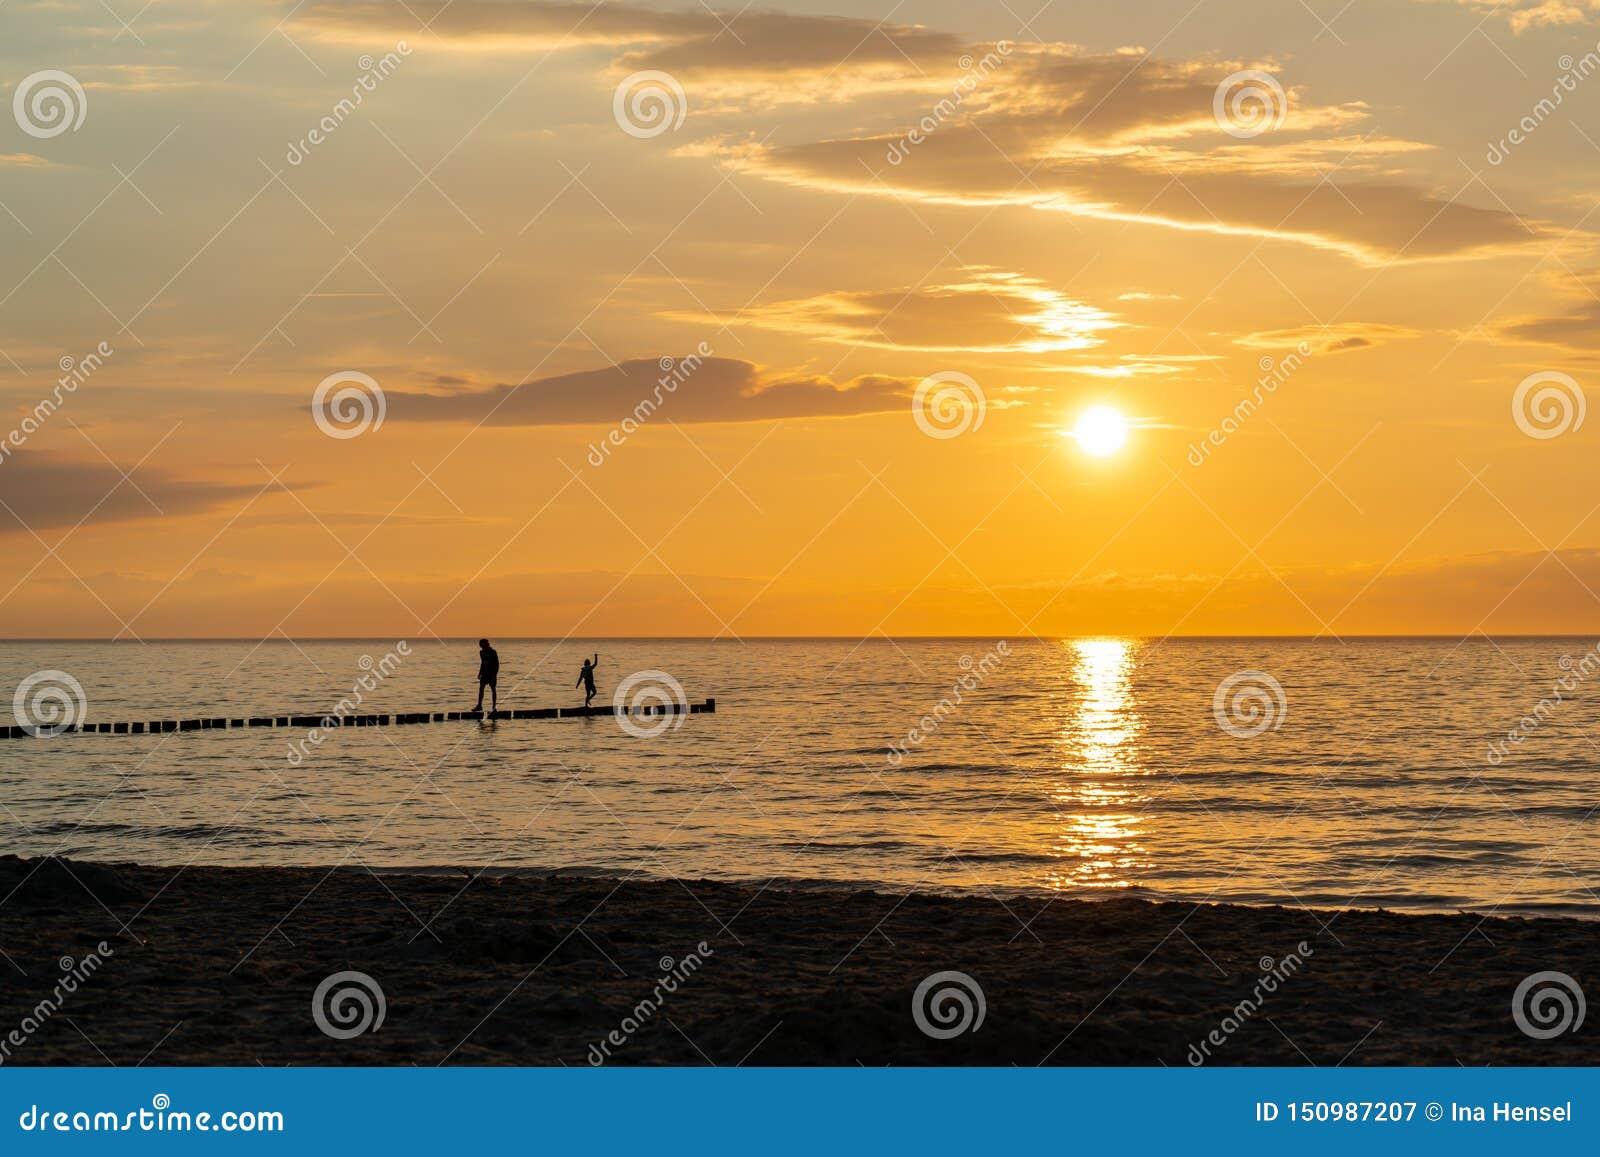 Por do sol na praia com dois pessoas como silhuetas pretas no primeiro plano